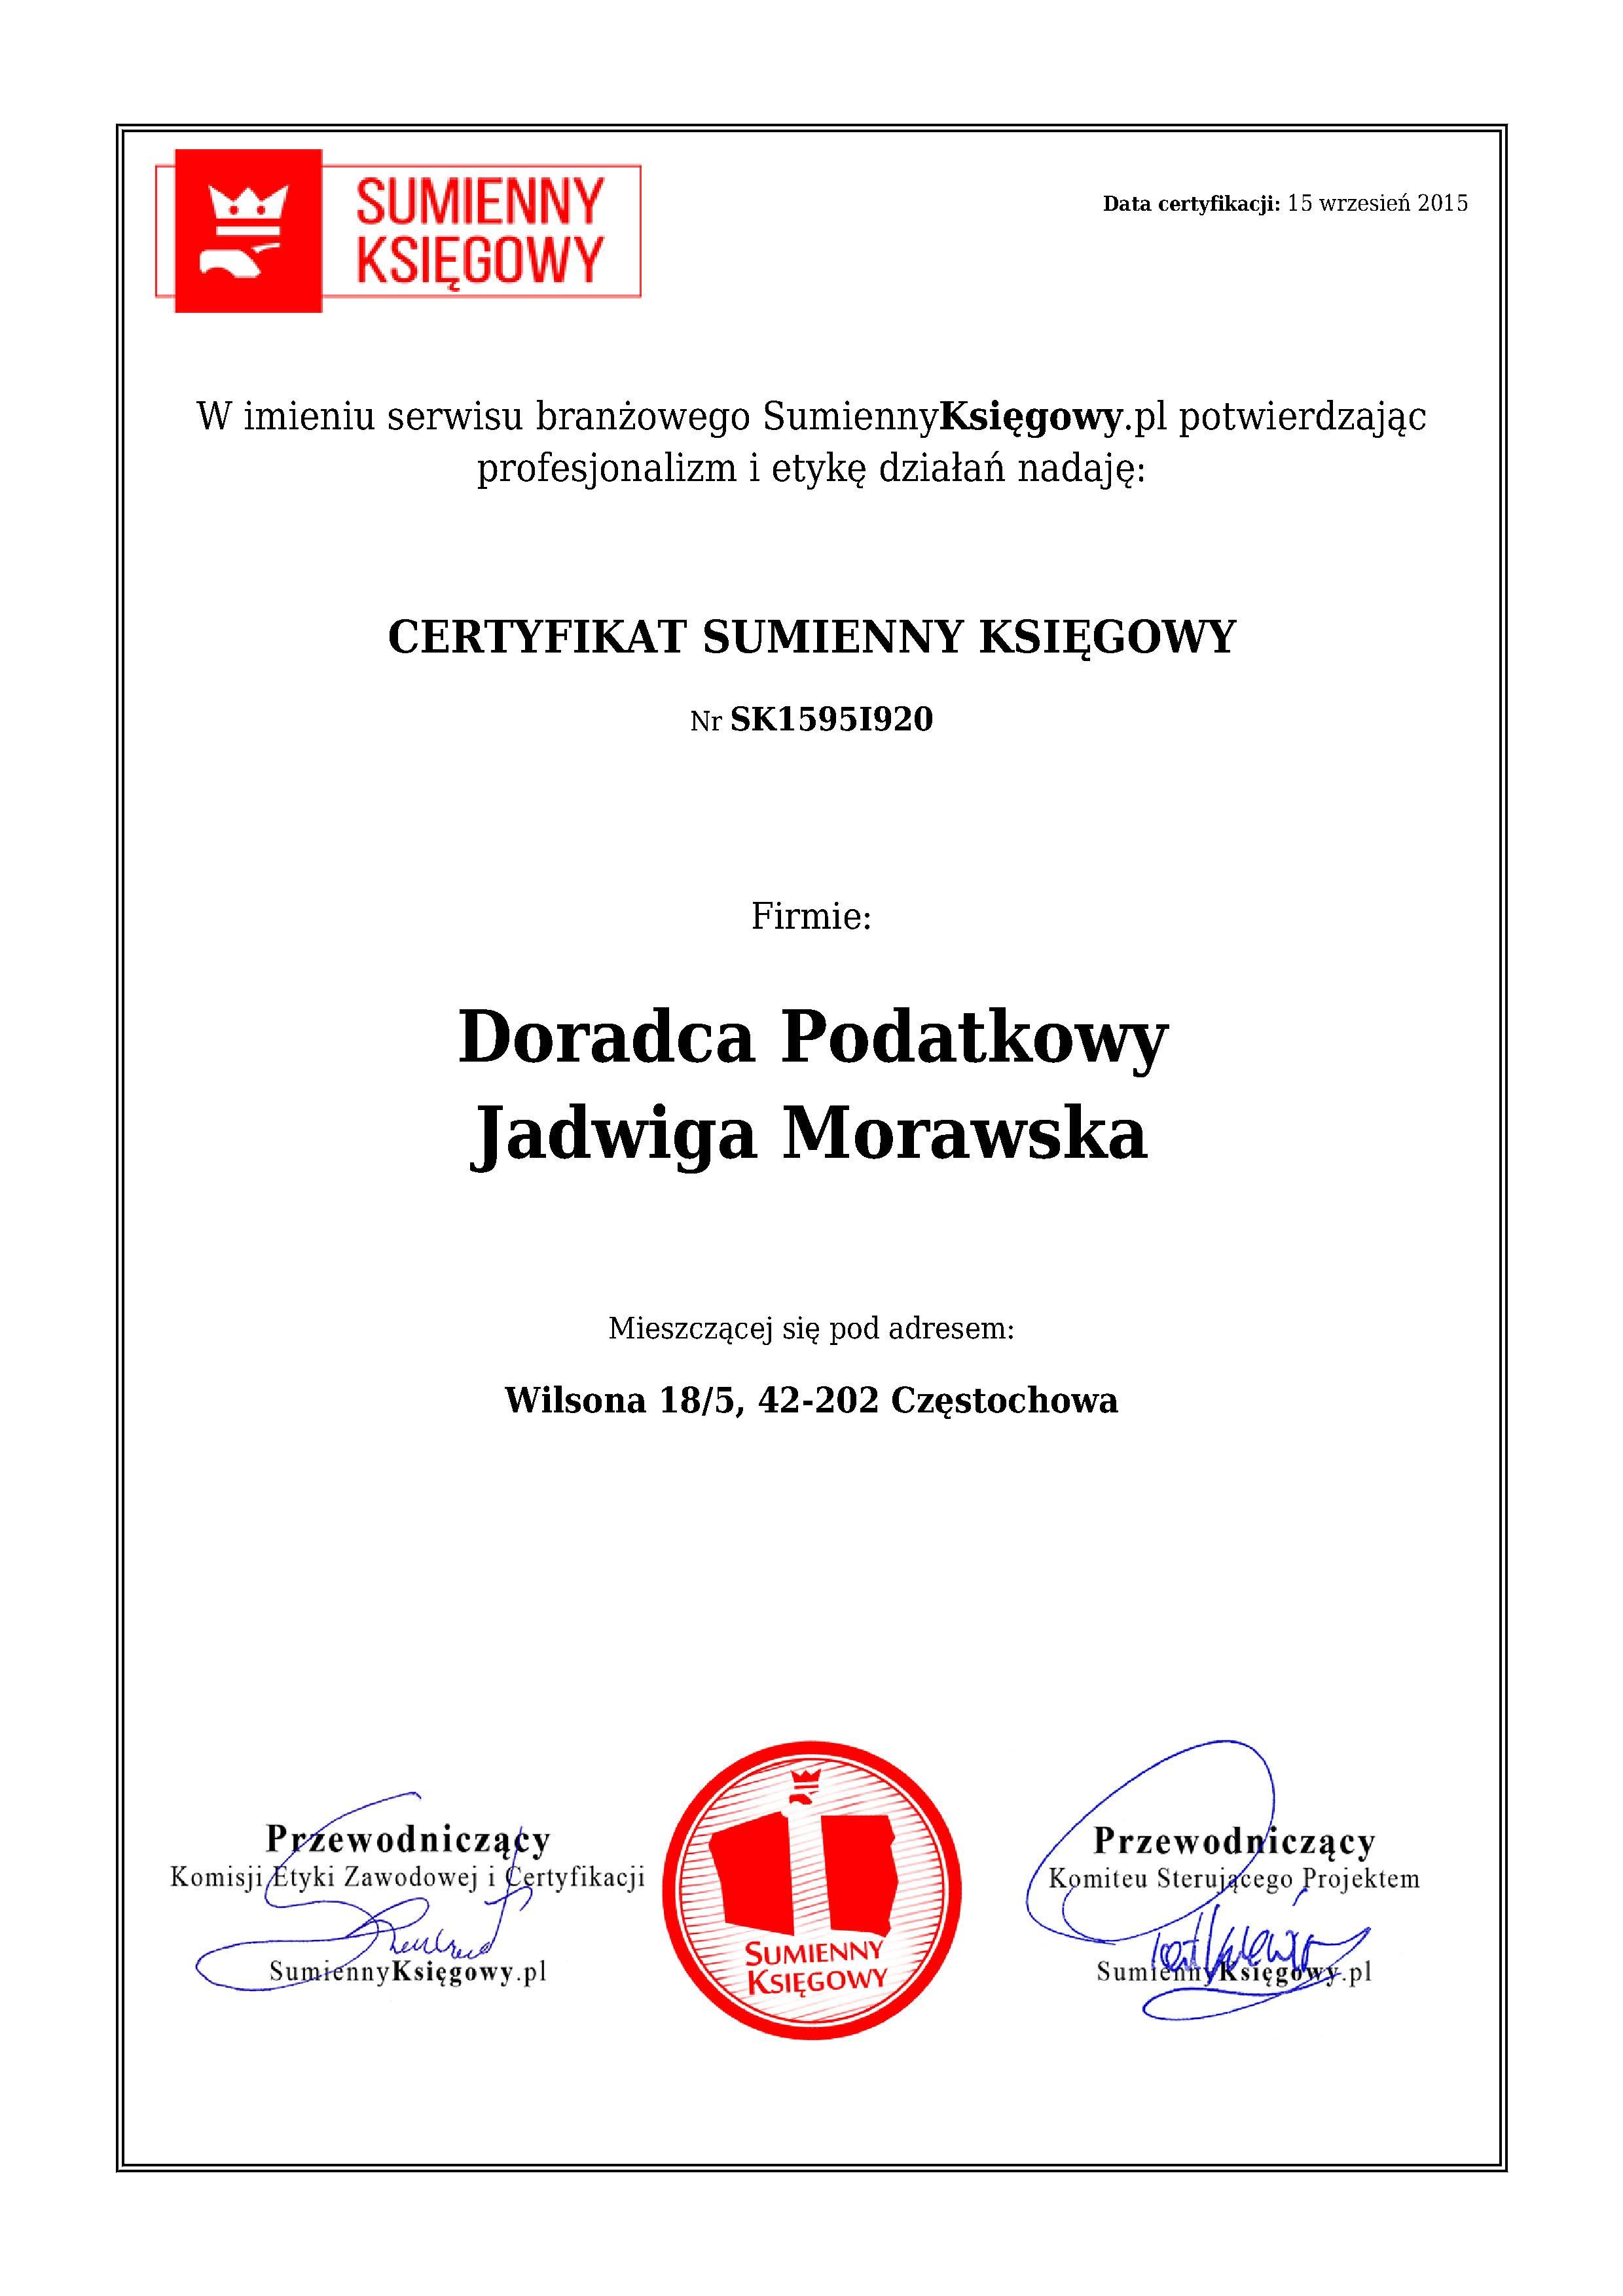 Certyfikat Doradca Podatkowy Jadwiga Morawska